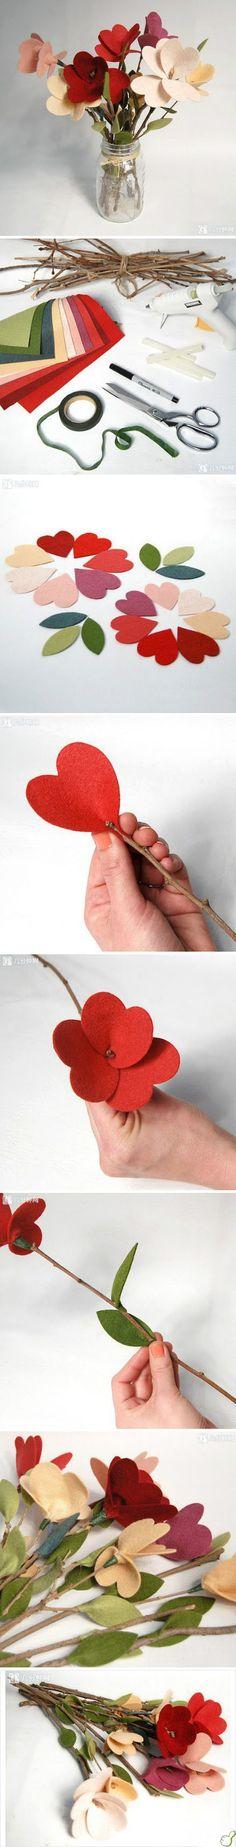 felt flowers!